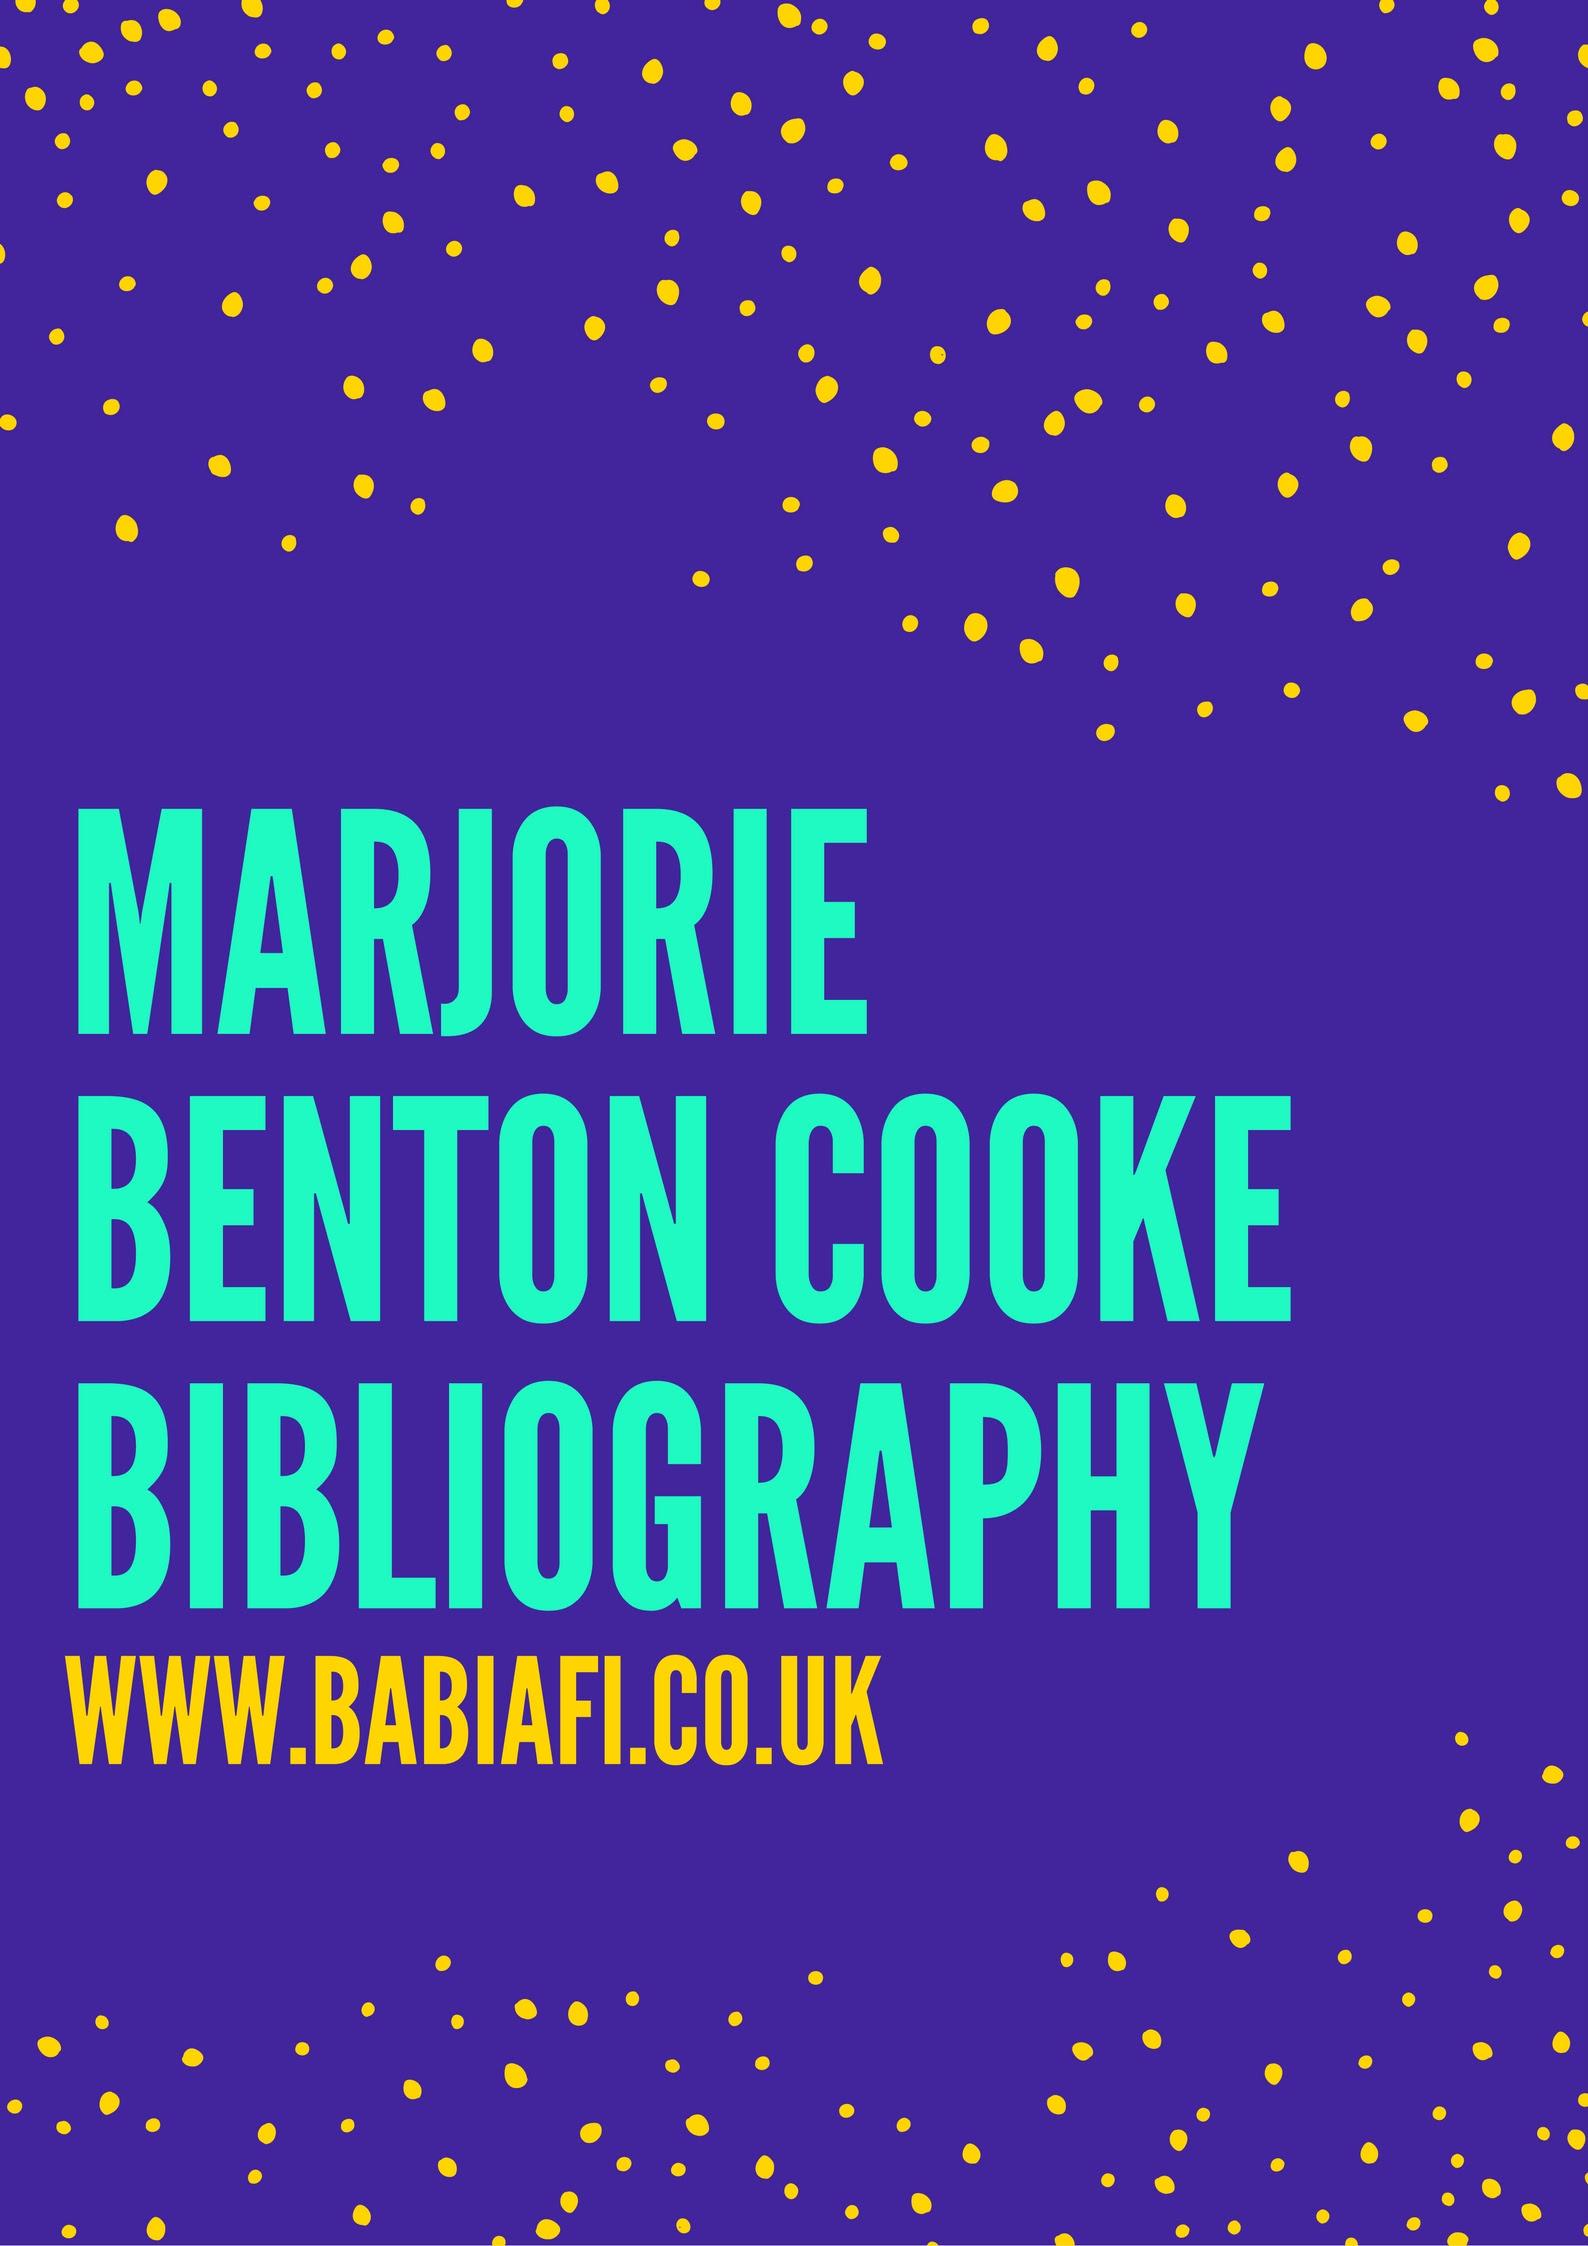 Marjorie Benton Cooke Bibliography